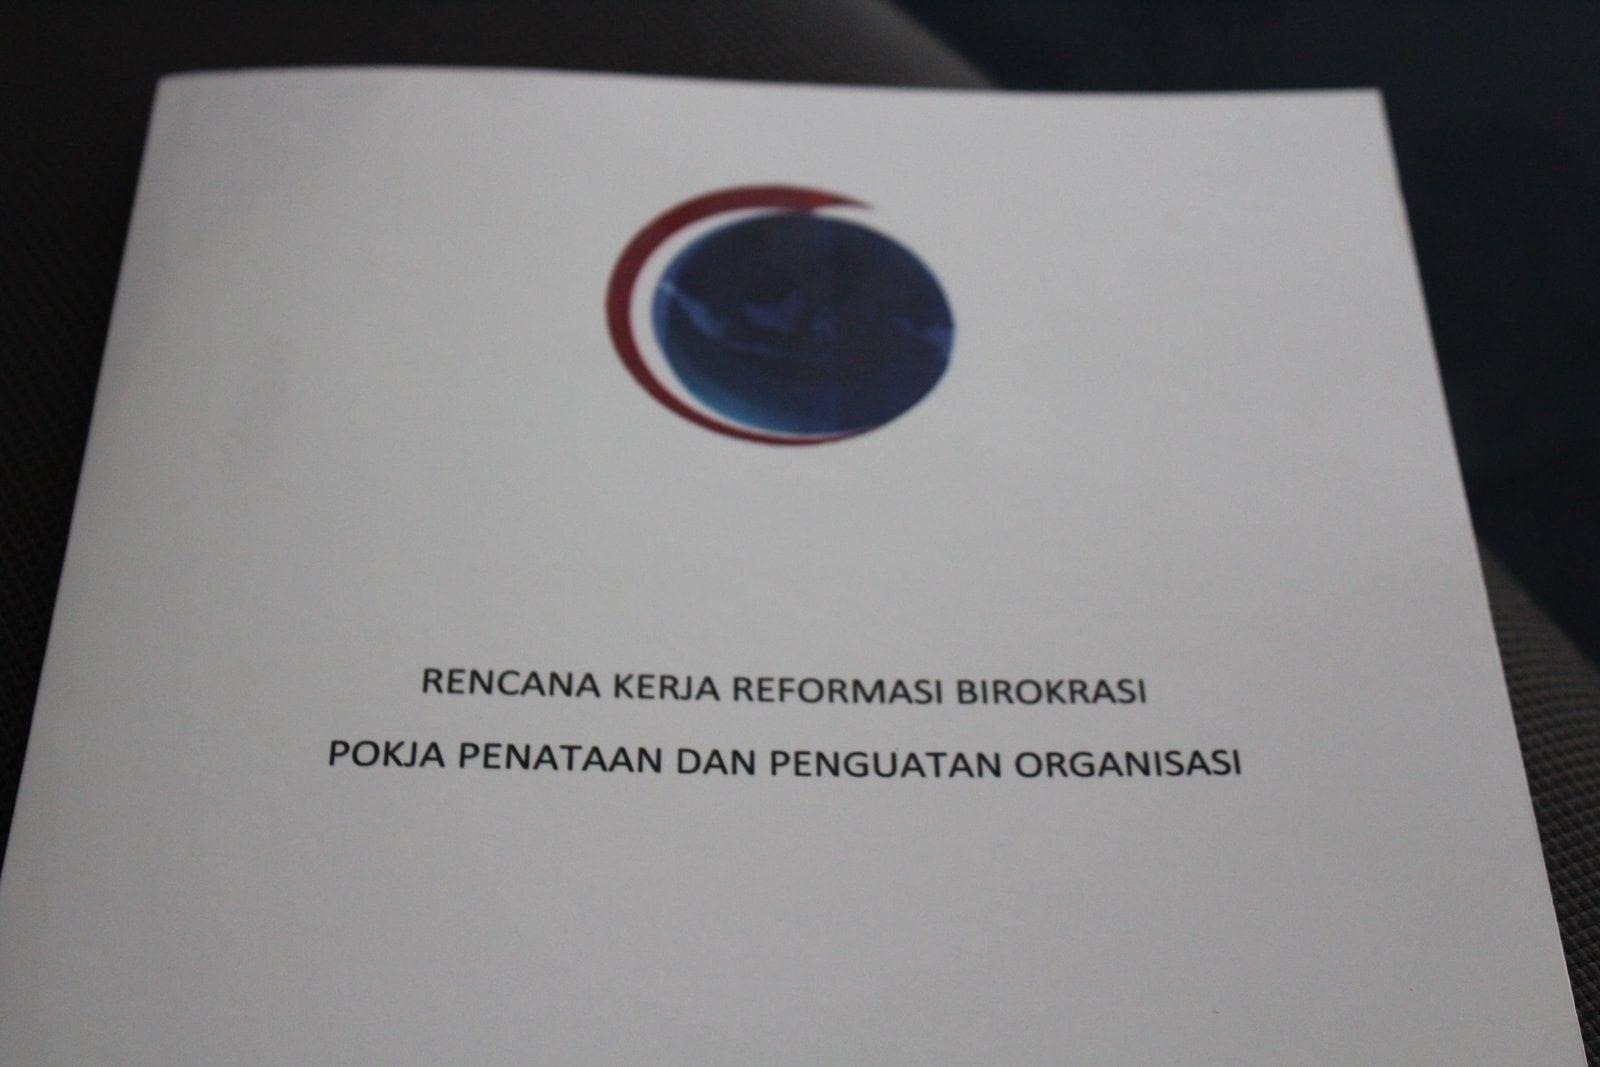 Rencana Kerja Manajemen Perubahan Kementerian Koordinator Bidang Kemaritiman Tahun 2017